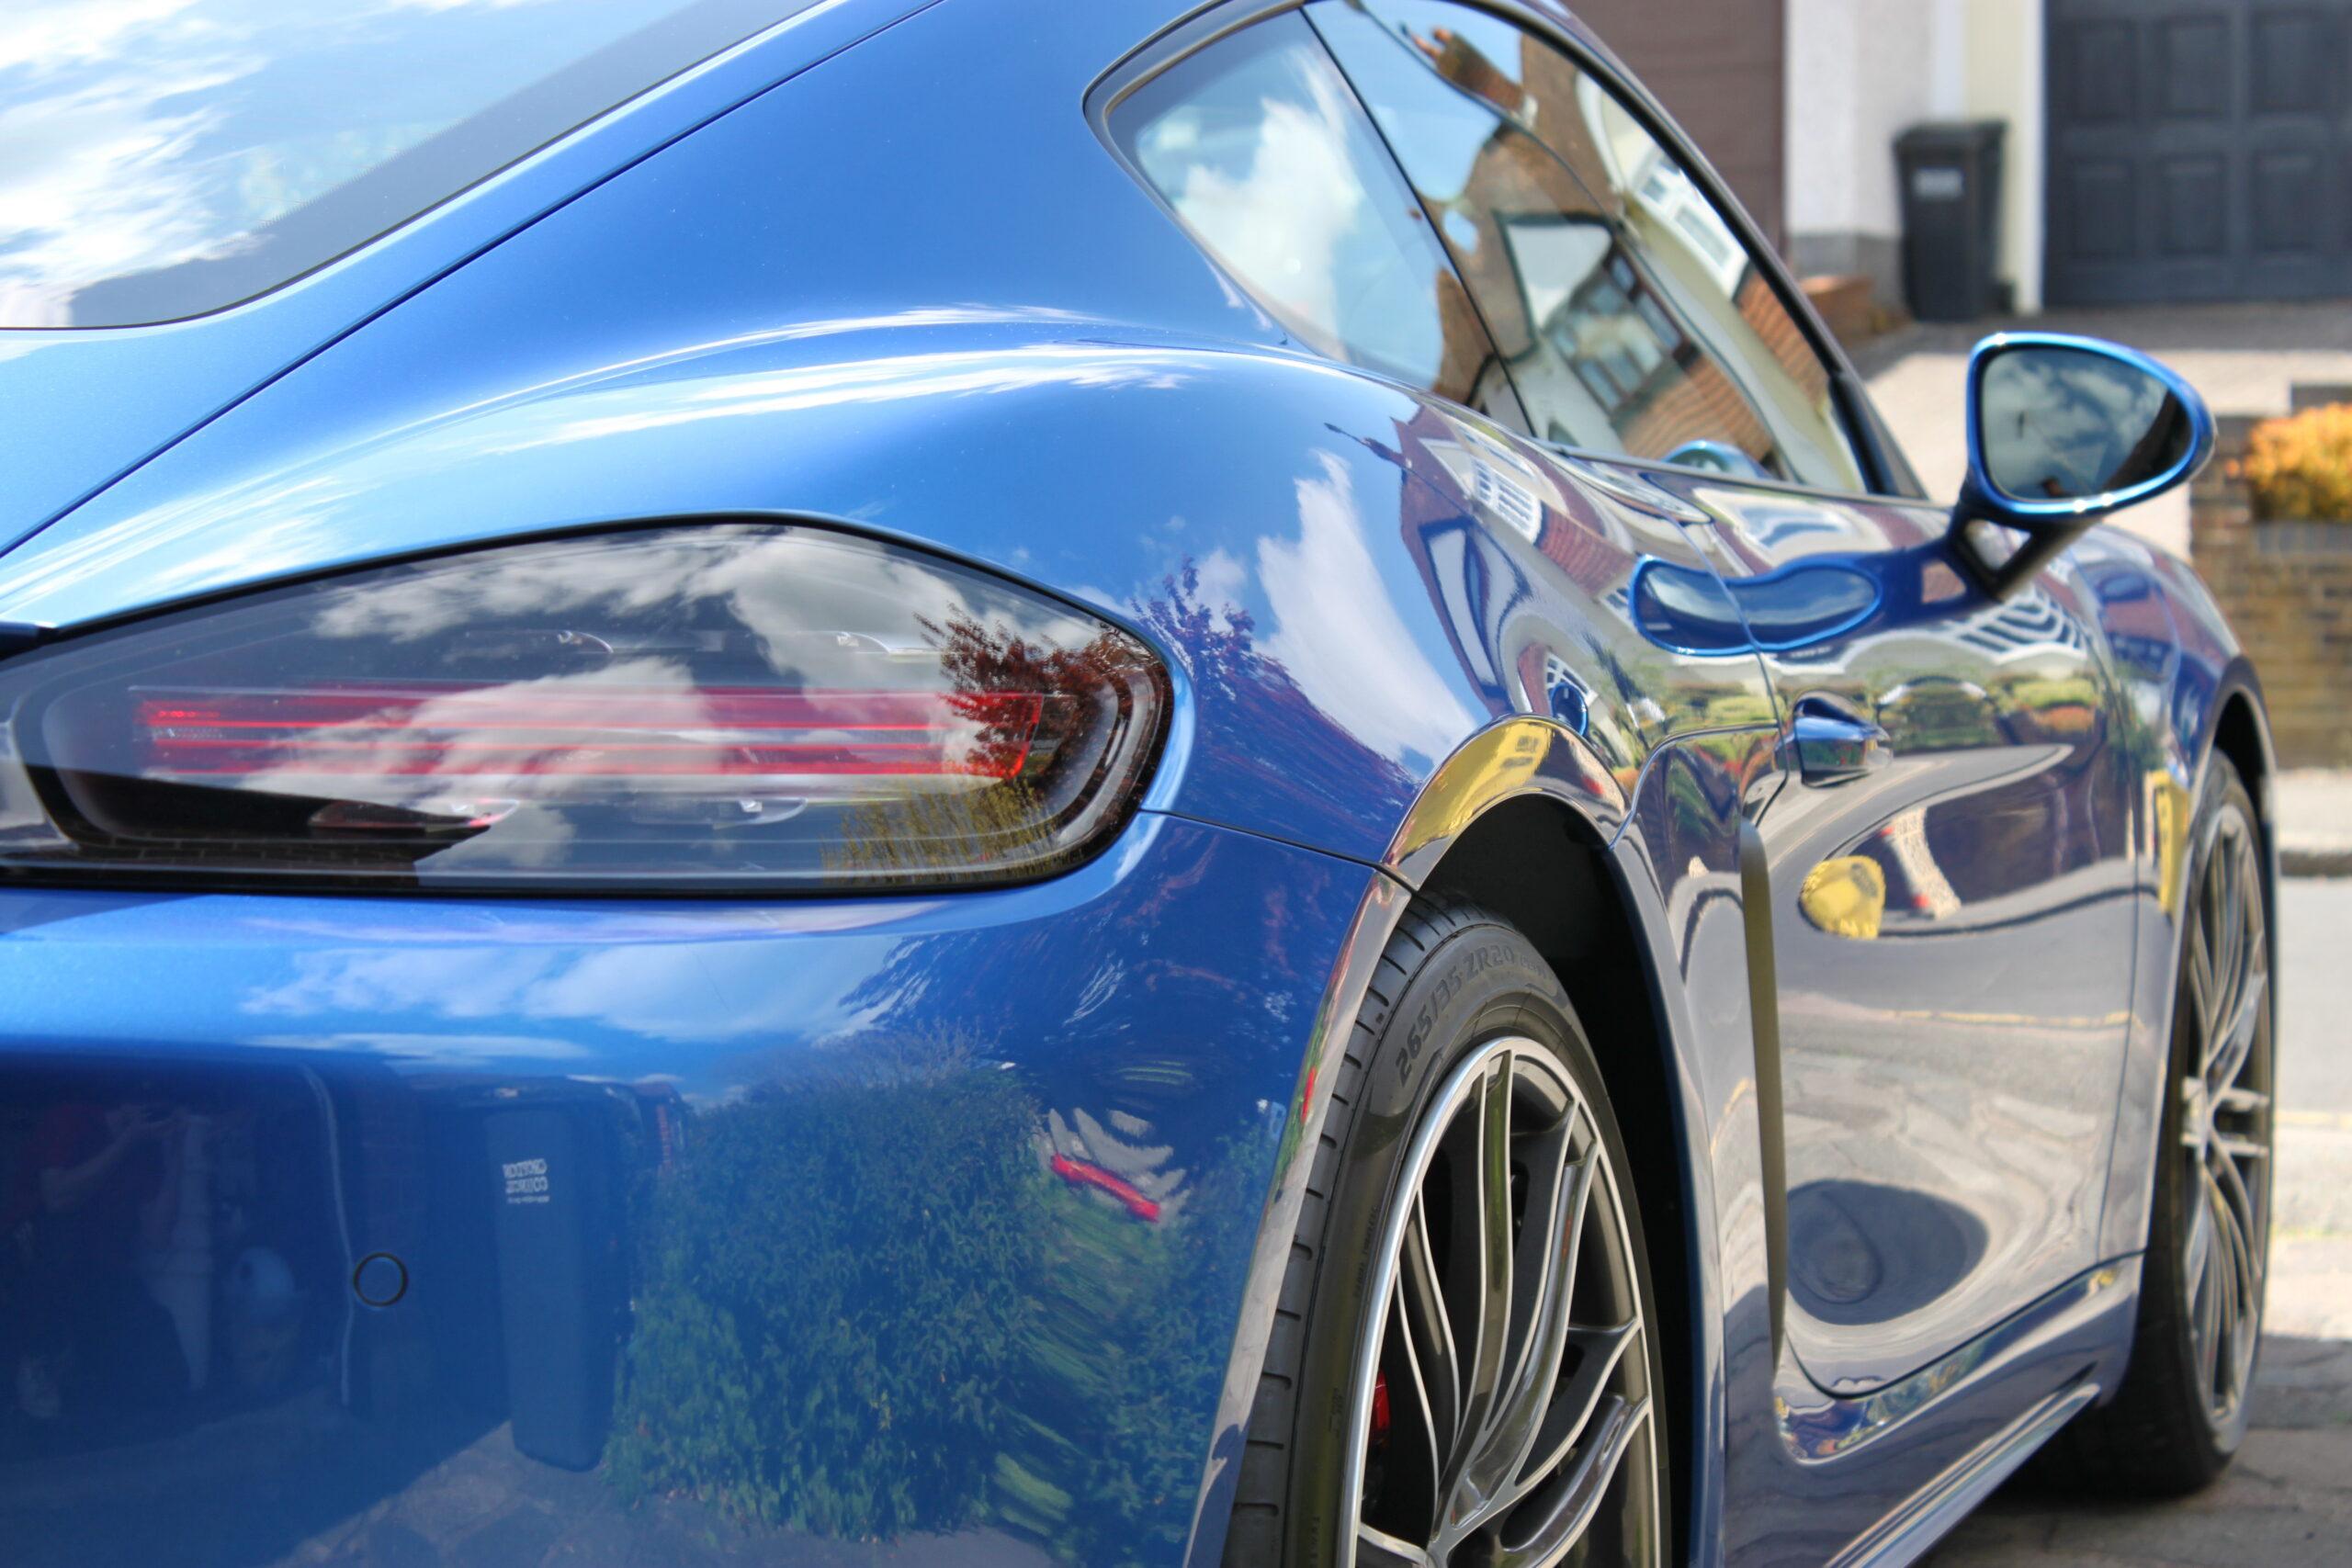 Porsche Cayman New car detail